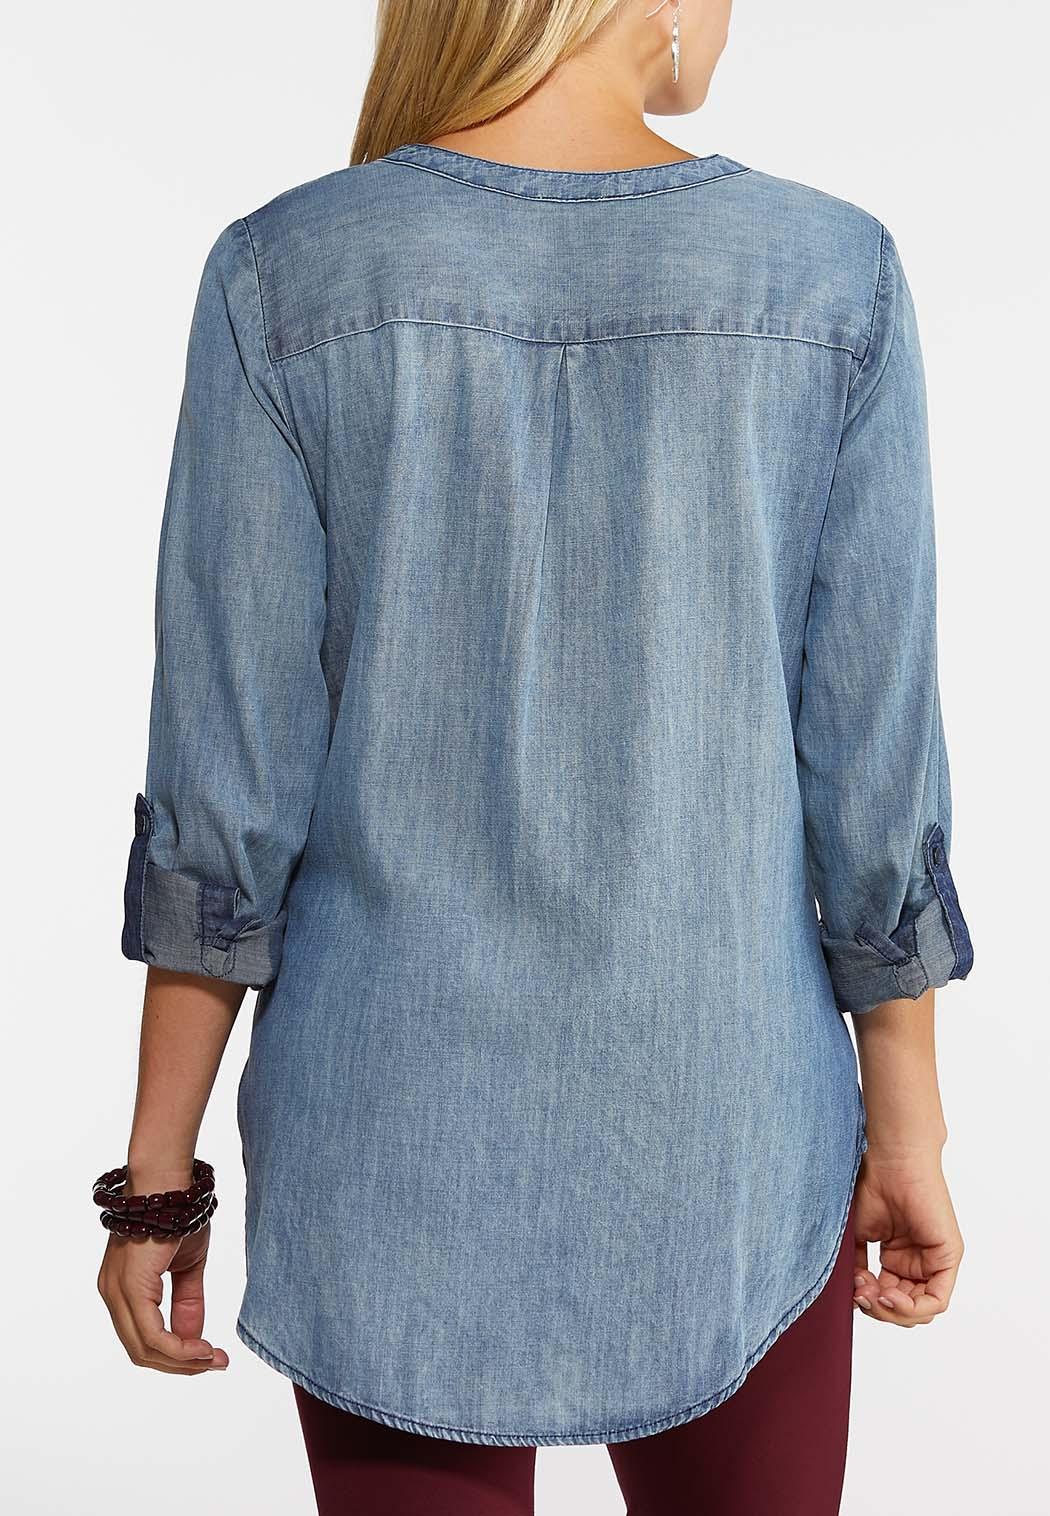 Plus Size Denim Equipment Shirt (Item #43969209)